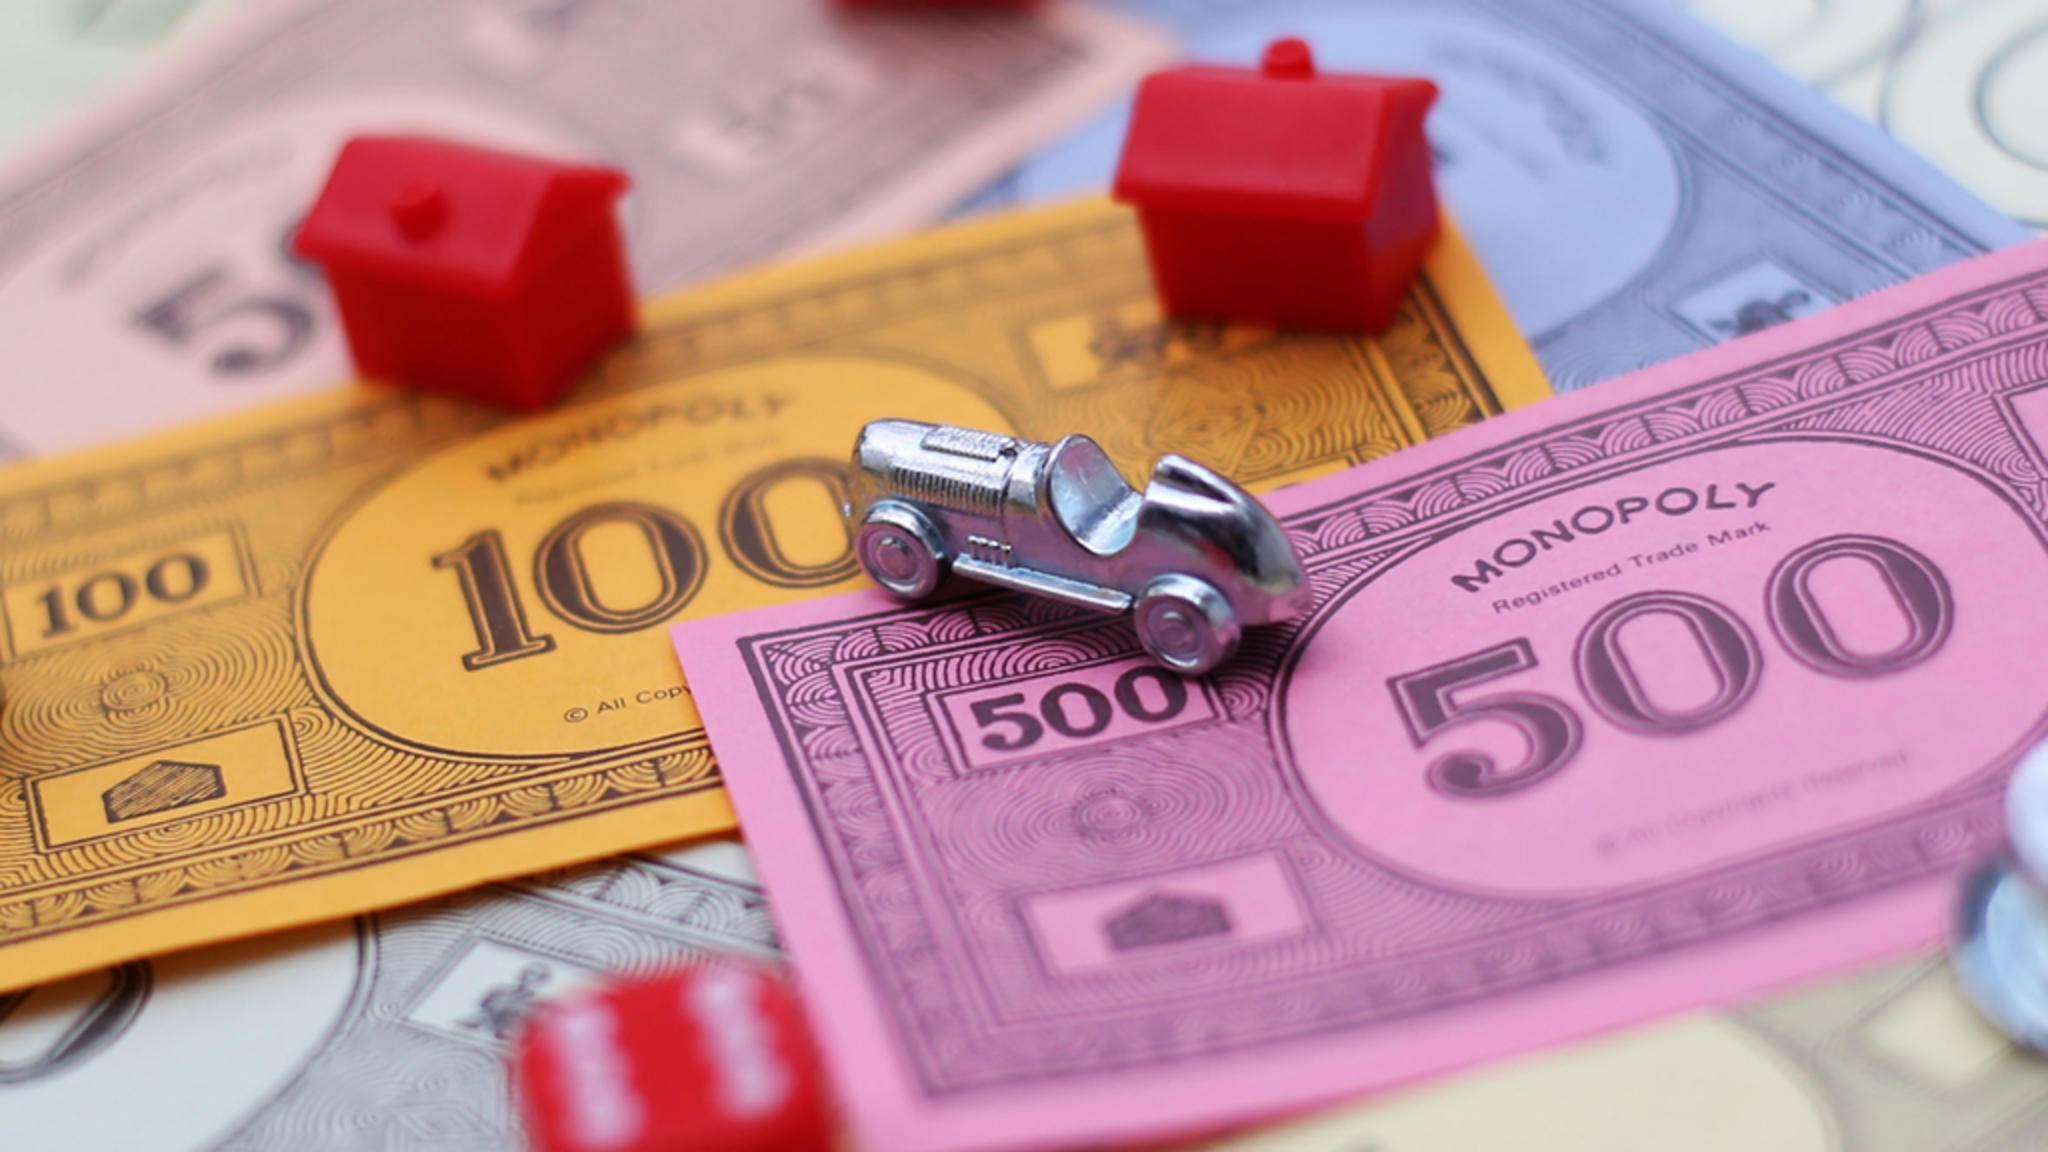 Gehe nicht über los, ziehe keine 200 Euro ein und gehe direkt ins Gefängnis! Diesen Satz hört kein Monopoly-Spieler gerne.